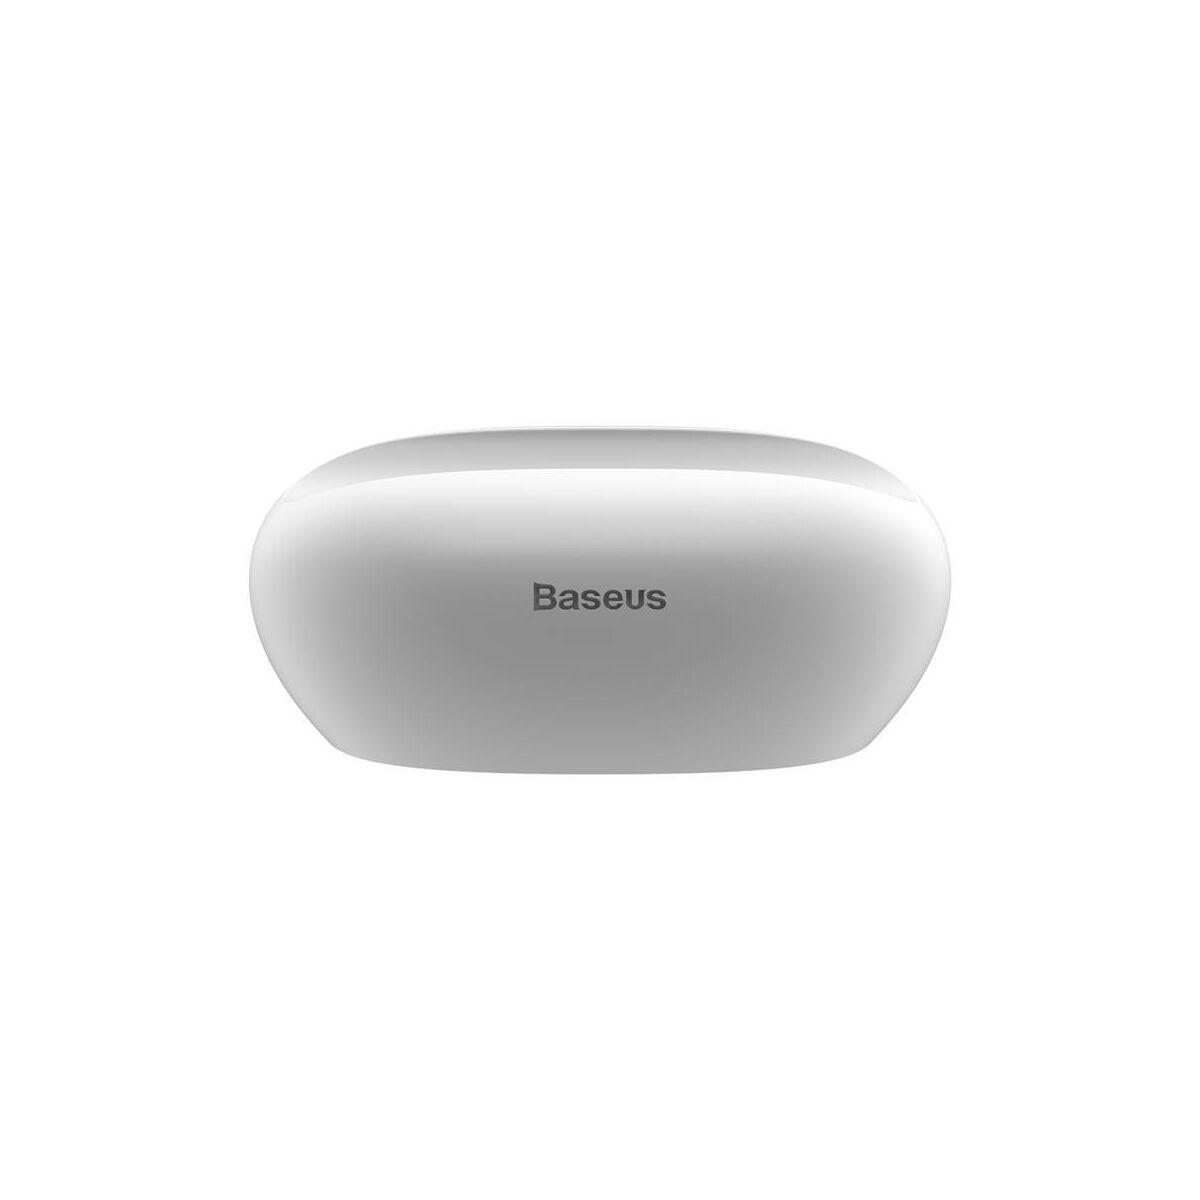 Baseus Tablet kiegészítő, AP Pencil szilikon tartó, szürke (ACBZ-AP0G)